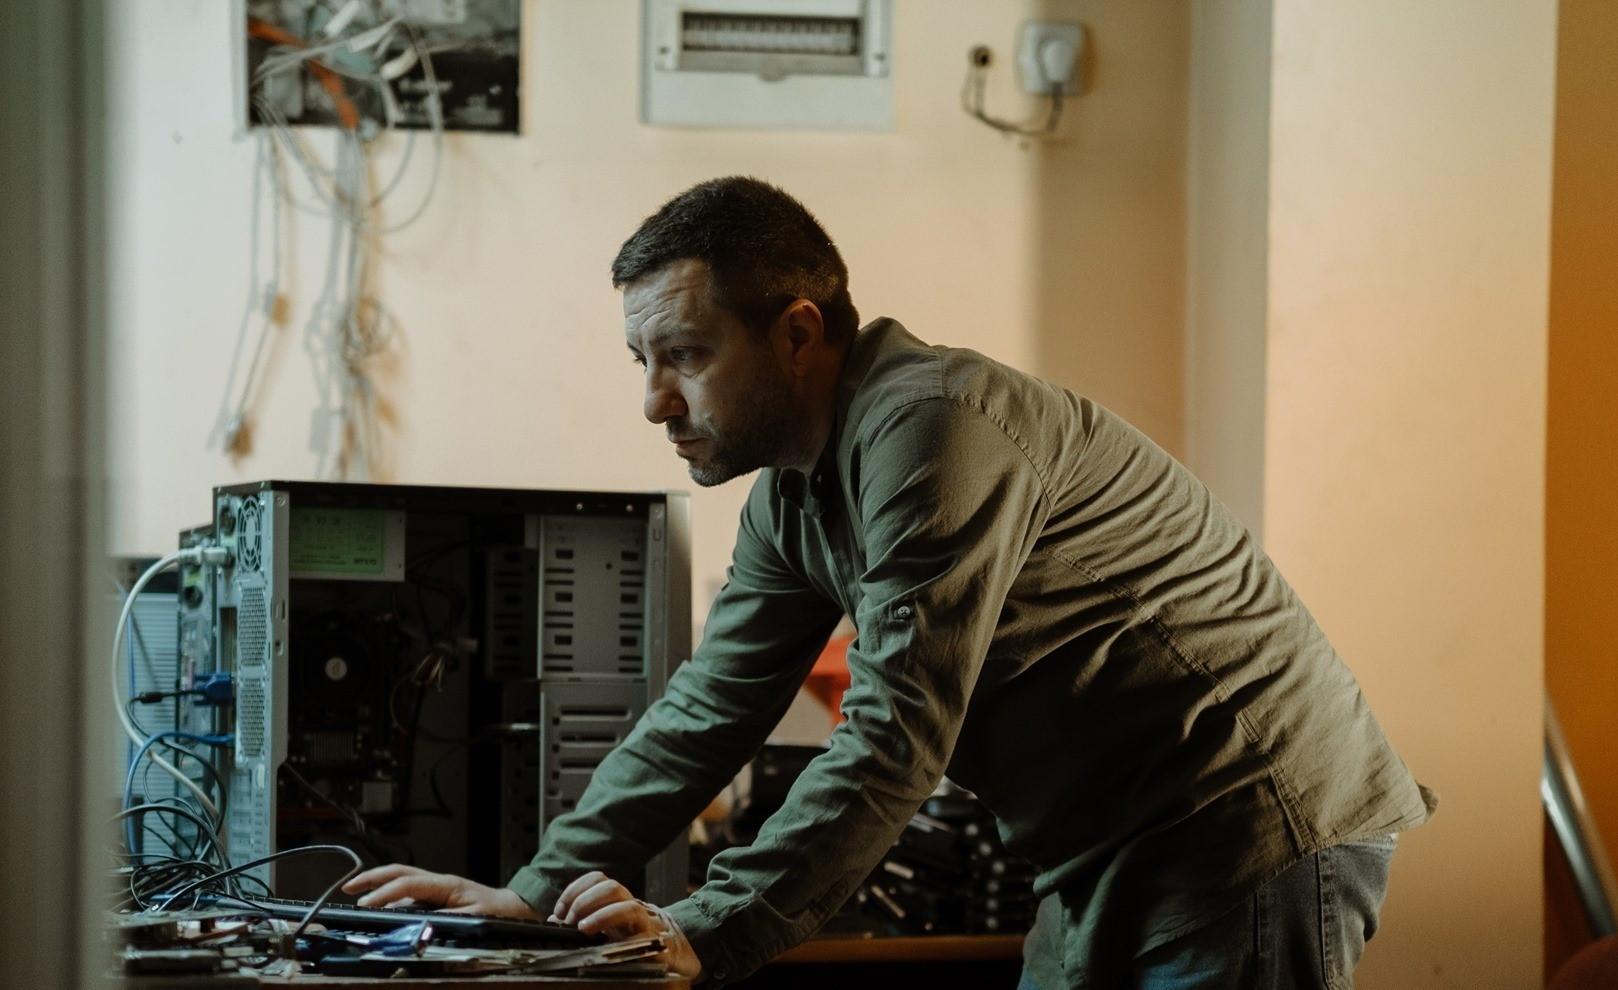 """Borce Stamenov al lavoro nel riparare un computer - foto tratta dal profilo Facebook dell'iniziativa """"Donate un computer"""""""